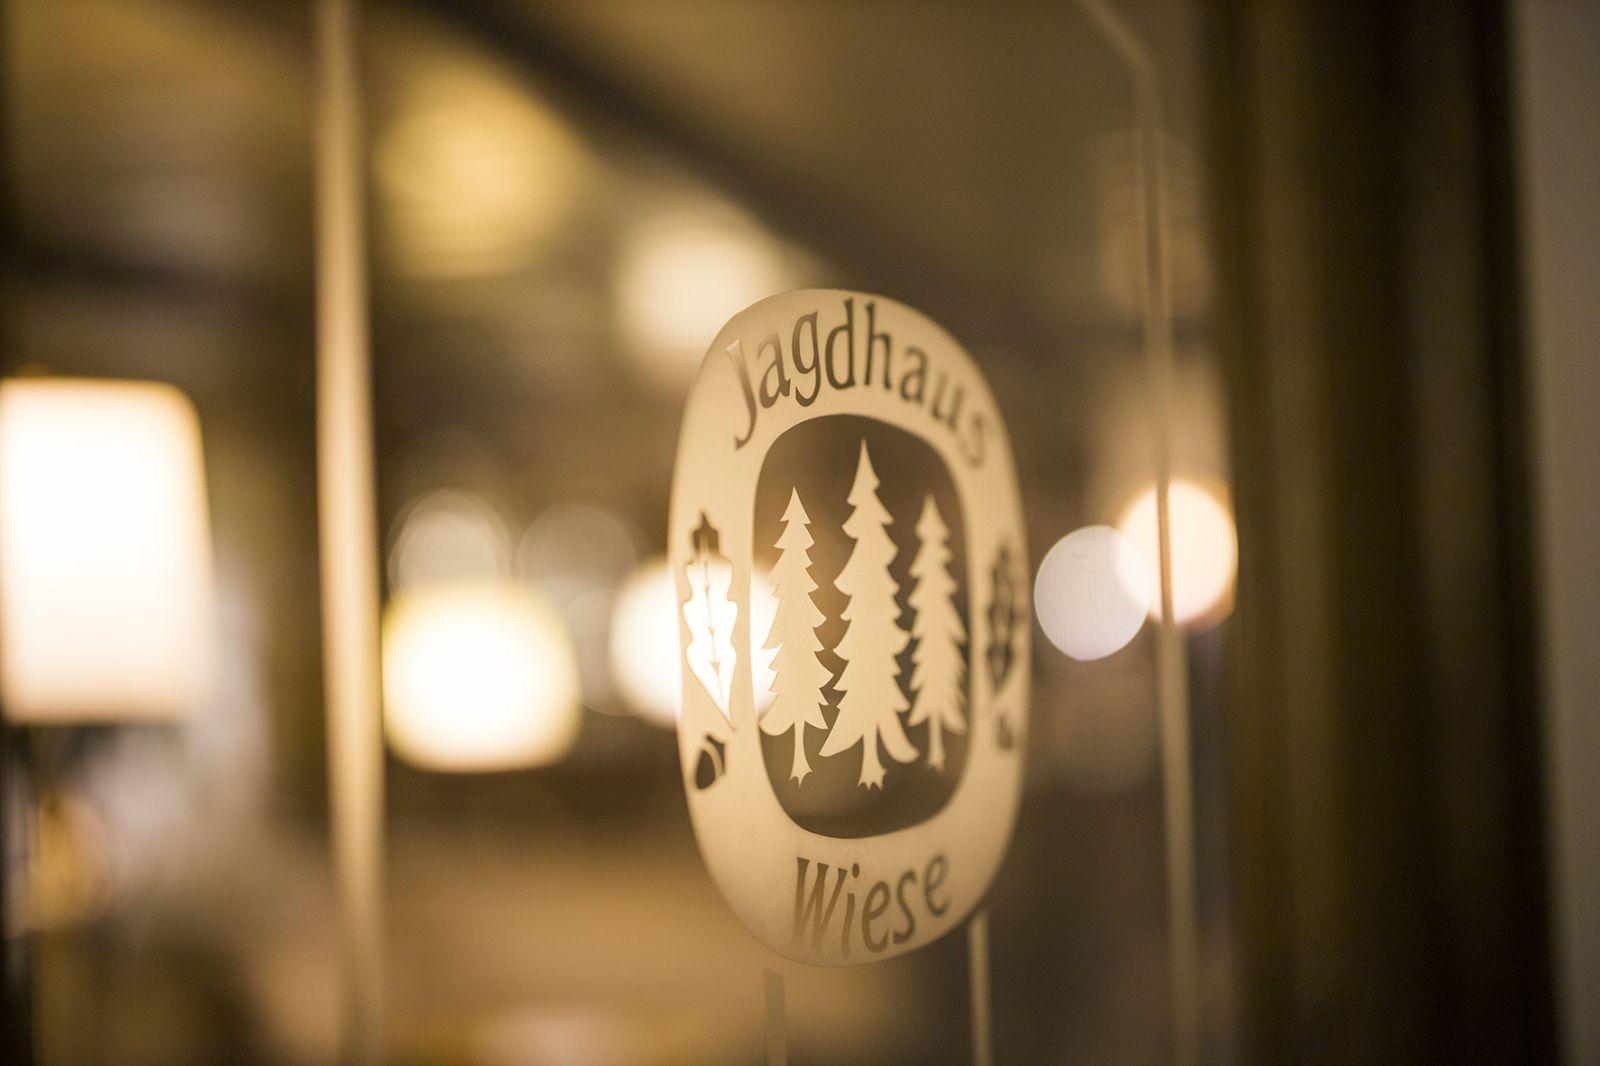 Logo vom Jagdhaus Wiese auf Glastür